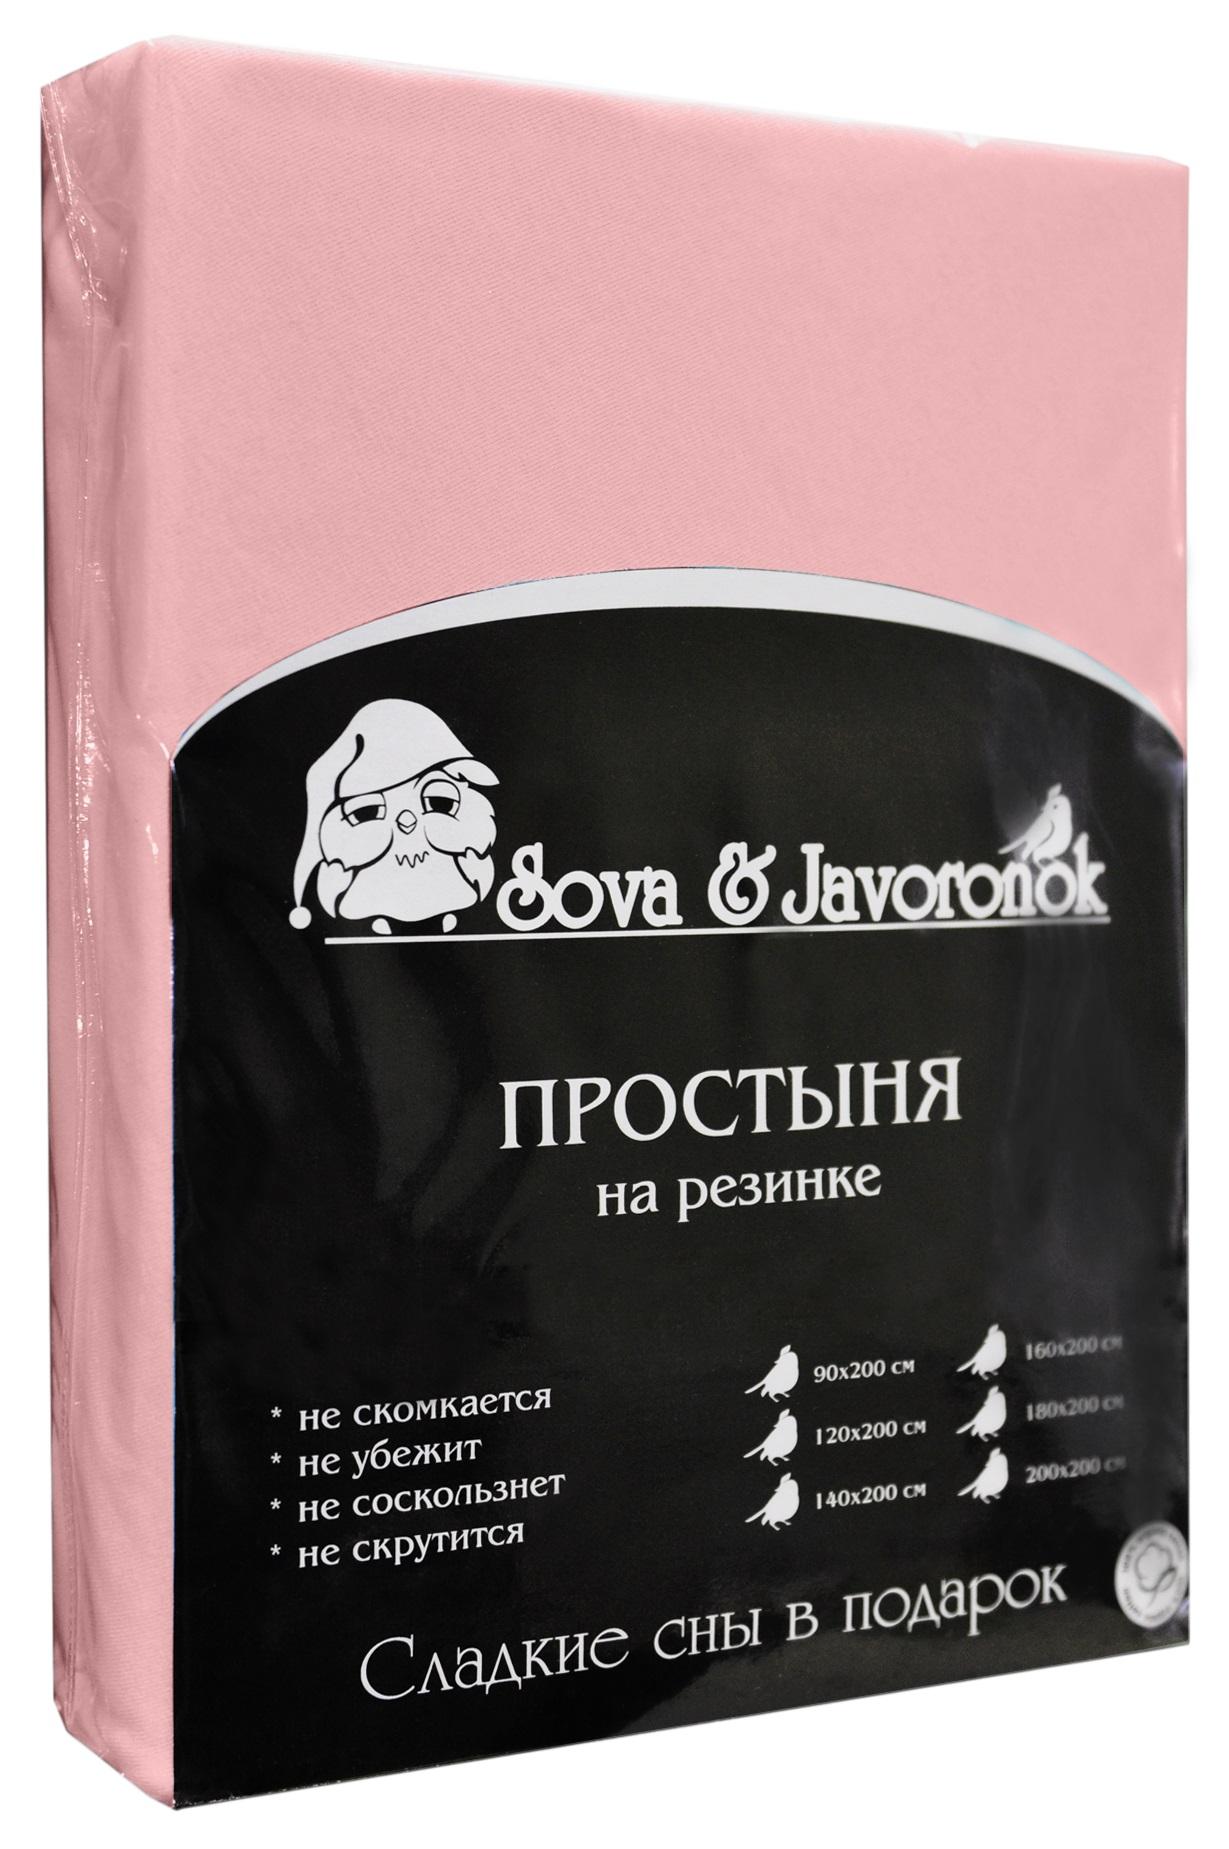 Простыня на резинке Sova & Javoronok, цвет: светло-розовый, 120 х 200 см0803114205Простыня на резинке Sova & Javoronok, изготовленная из трикотажной ткани (100% хлопок), будет превосходно смотреться с любыми комплектами белья. Хлопчатобумажный трикотаж по праву считается одним из самых качественных, прочных и при этом приятных на ощупь. Его гигиеничность позволяет использовать простыню и в детских комнатах, к тому же 100%-ый хлопок в составе ткани не вызовет аллергии. У трикотажного полотна очень интересная структура, немного рыхлая за счет отсутствия плотного переплетения нитей и наличия особых петель, благодаря этому простыня Сова и Жаворонок отлично пропускает воздух и способствует его постоянной циркуляции. Поэтому ваша постель будет всегда оставаться свежей. Но главное и, пожалуй, самое известное свойство трикотажа - это его великолепная растяжимость, поэтому эта ткань и была выбрана для натяжной простыни на резинке.Простыня прошита резинкой по всему периметру, что обеспечивает более комфортный отдых, так как она прочно удерживается на матрасе и избавляет от необходимости часто поправлять простыню.